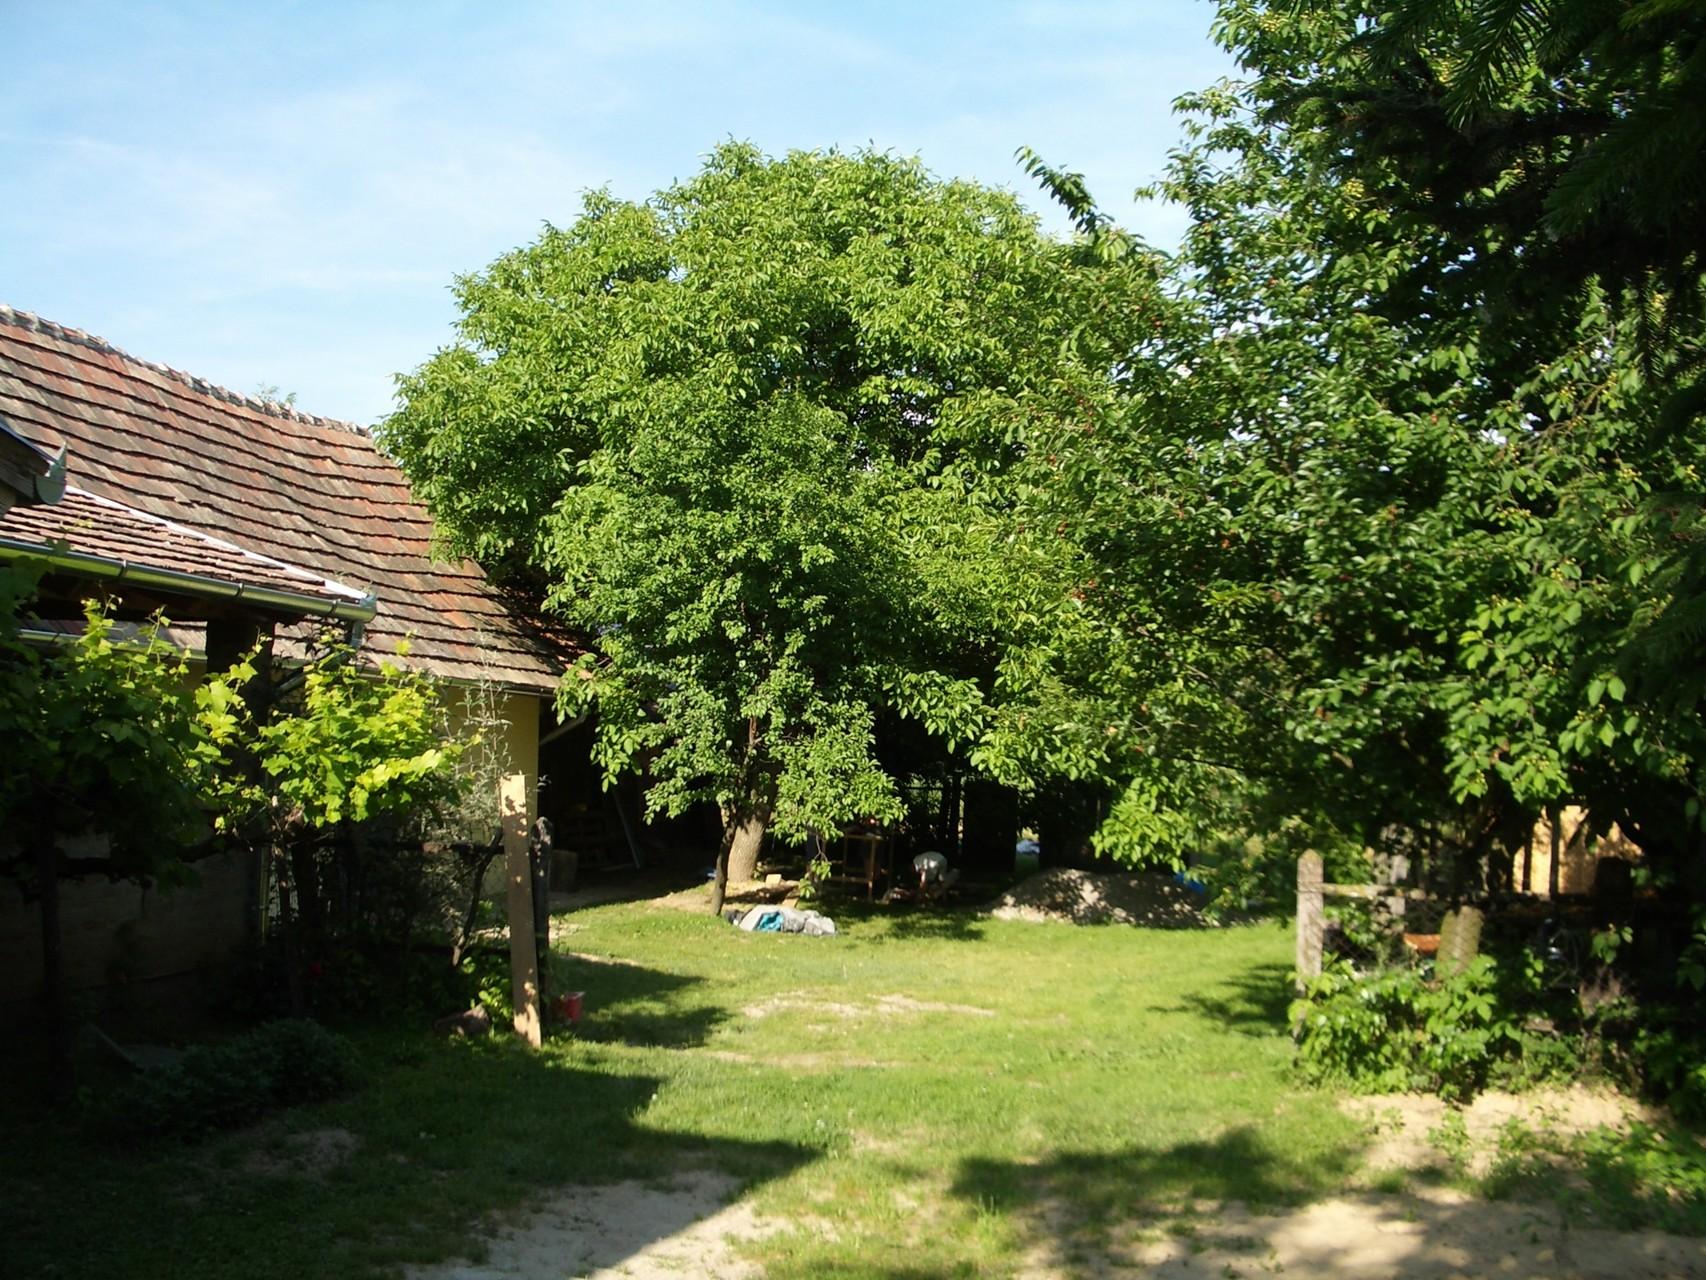 Garten mit großenNußbaum